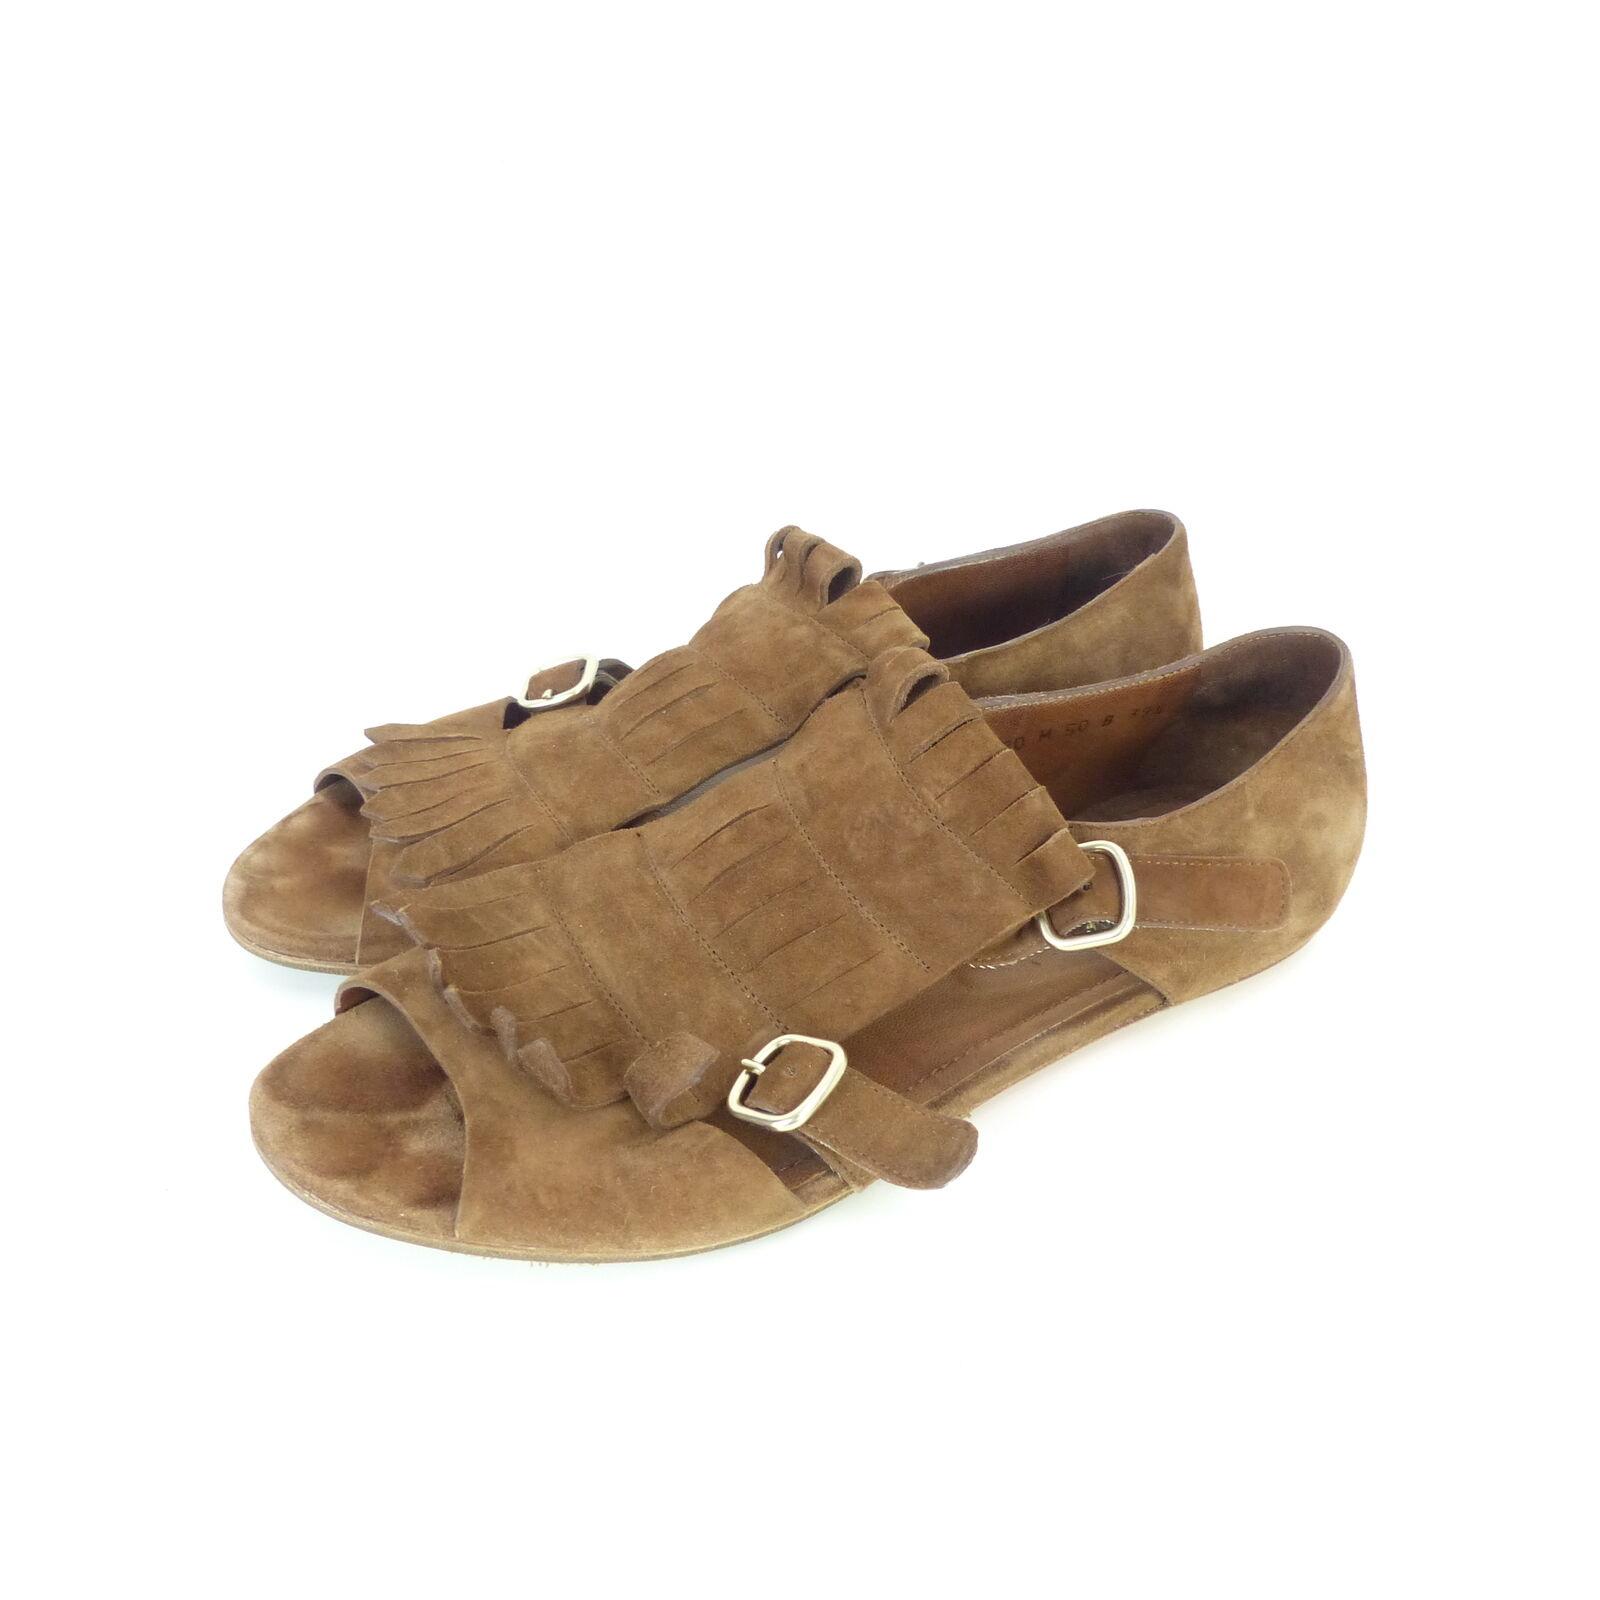 Santoni sandalia decorado gamuza de cuero marrón (sr32)